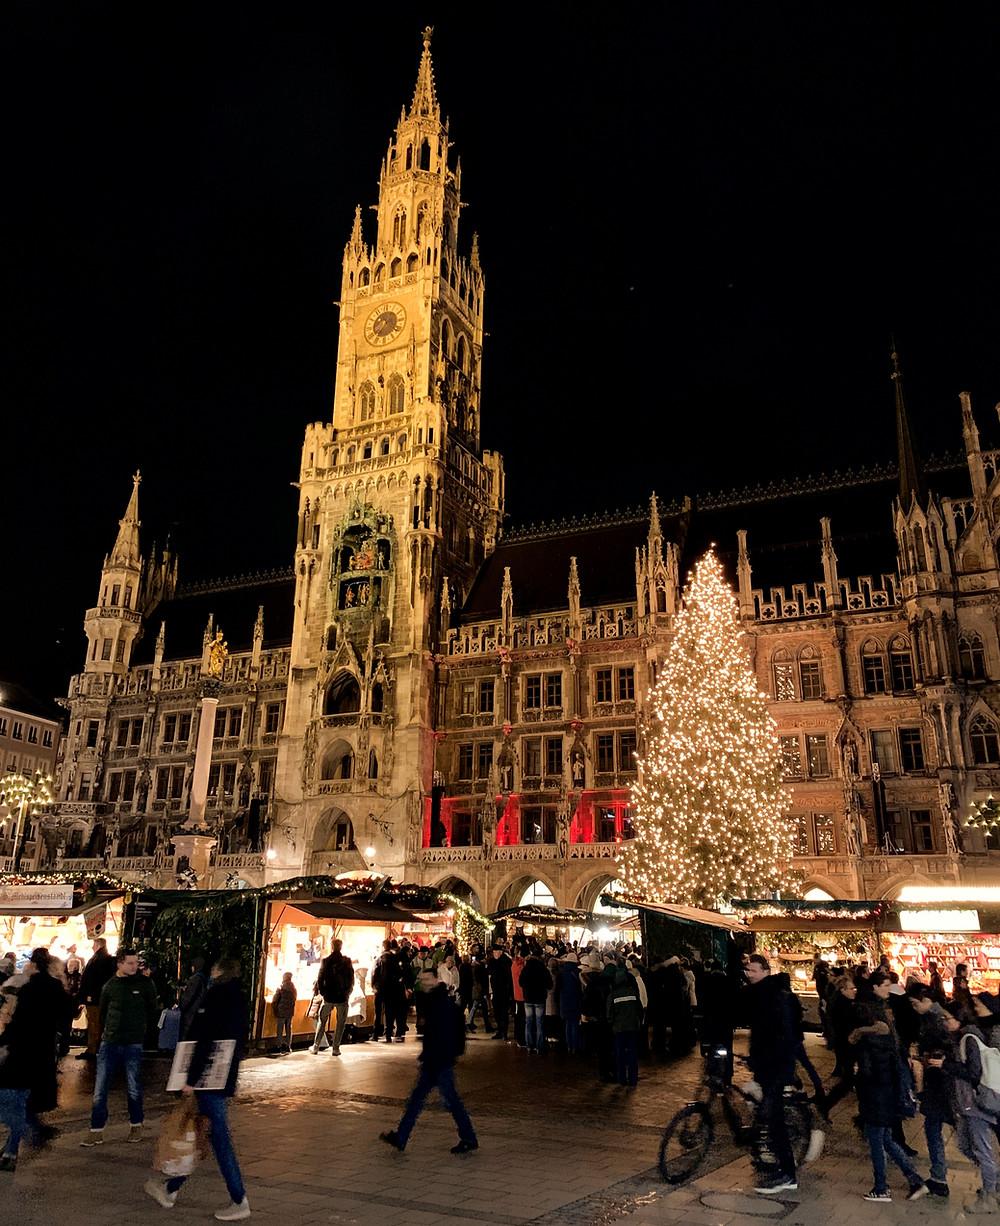 Christmas Market in Marienplatz, Munich